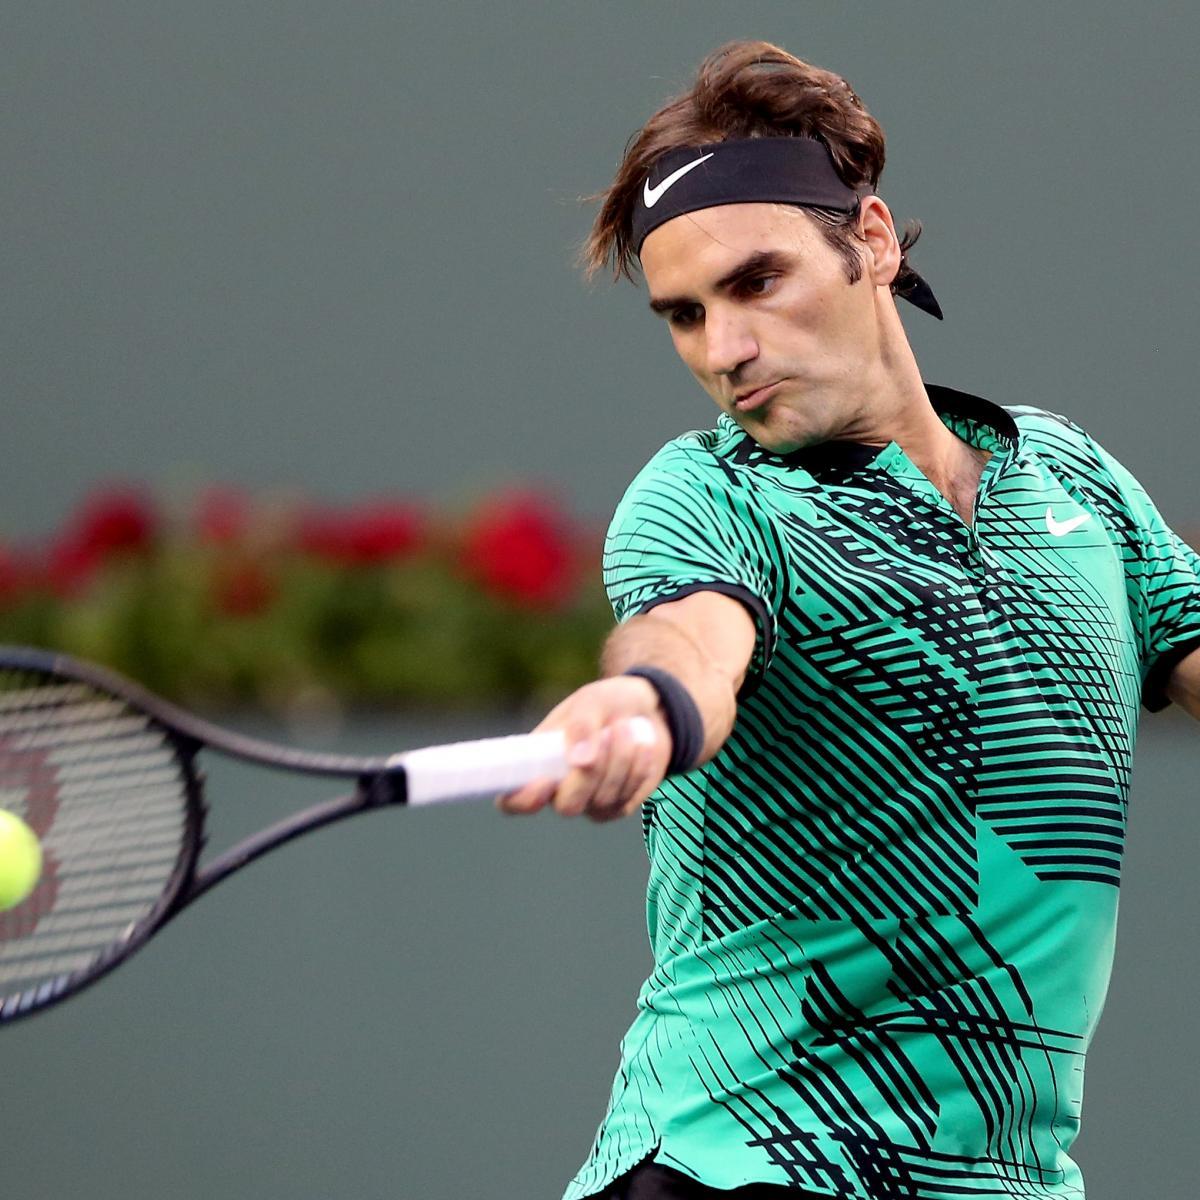 Roger Federer: Roger Federer Vs. Rafael Nadal: Score, Reaction From 2017